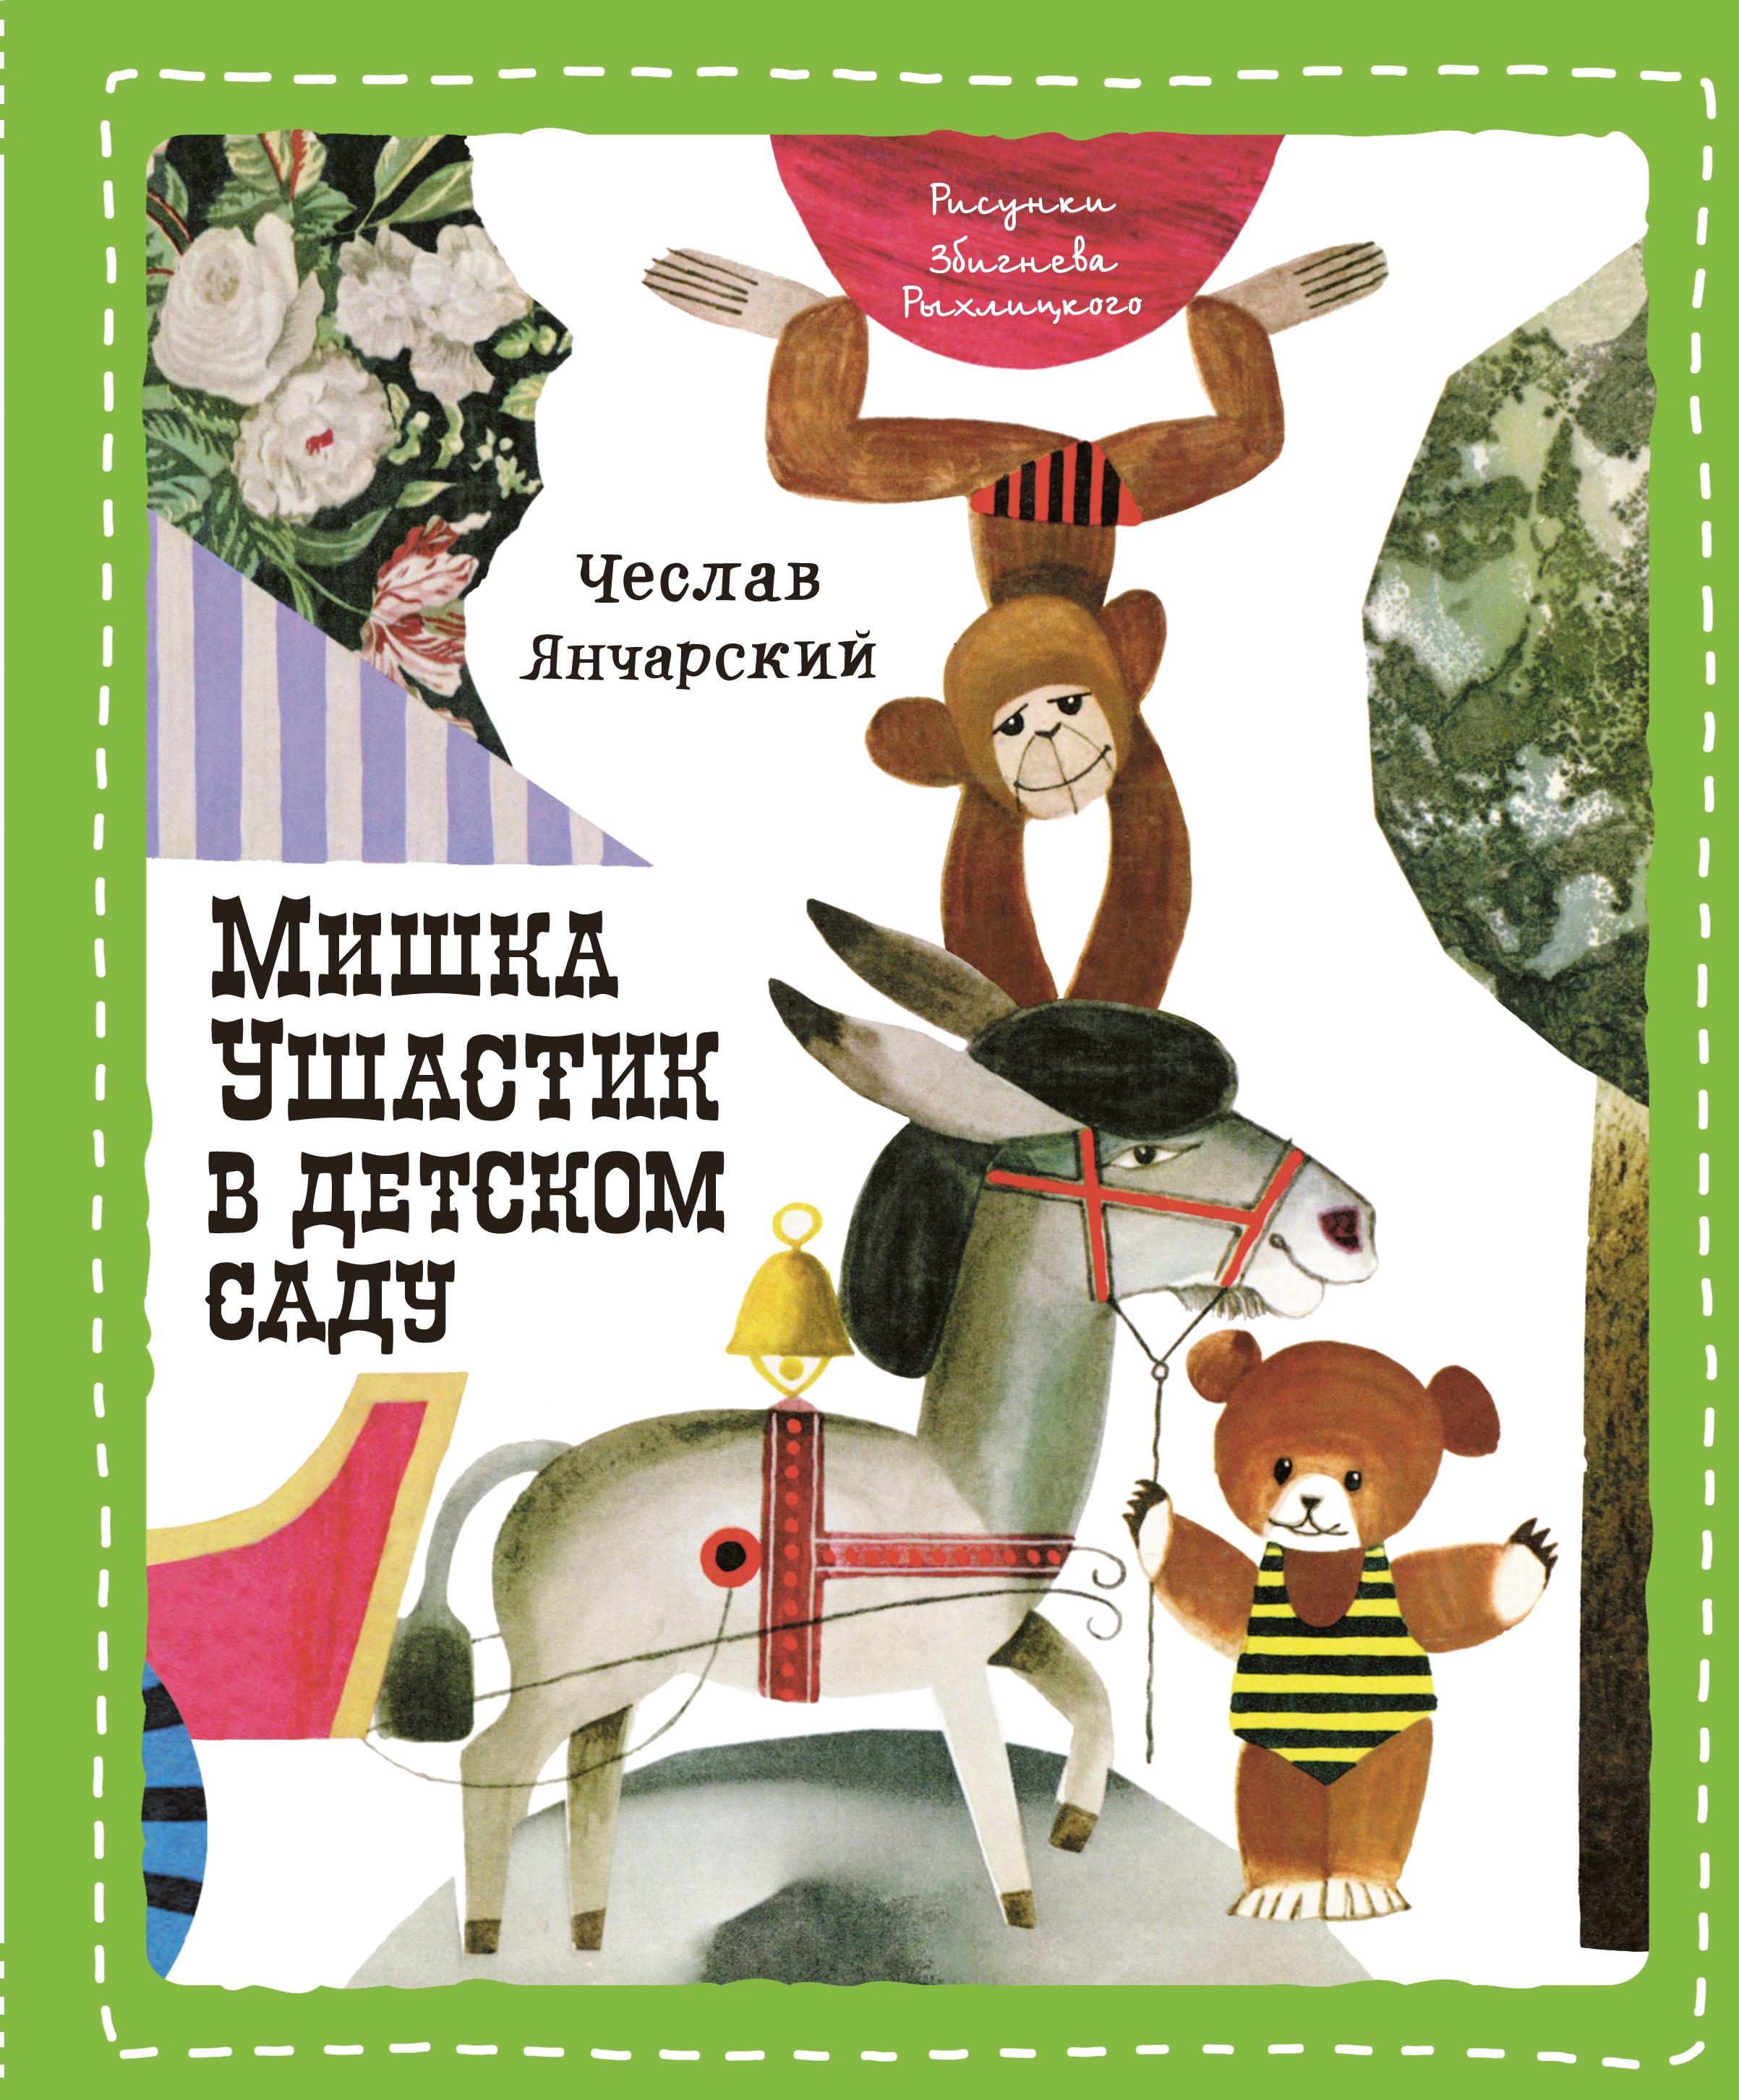 Мишка Ушастик в детском саду (пер. С. Свяцкого)